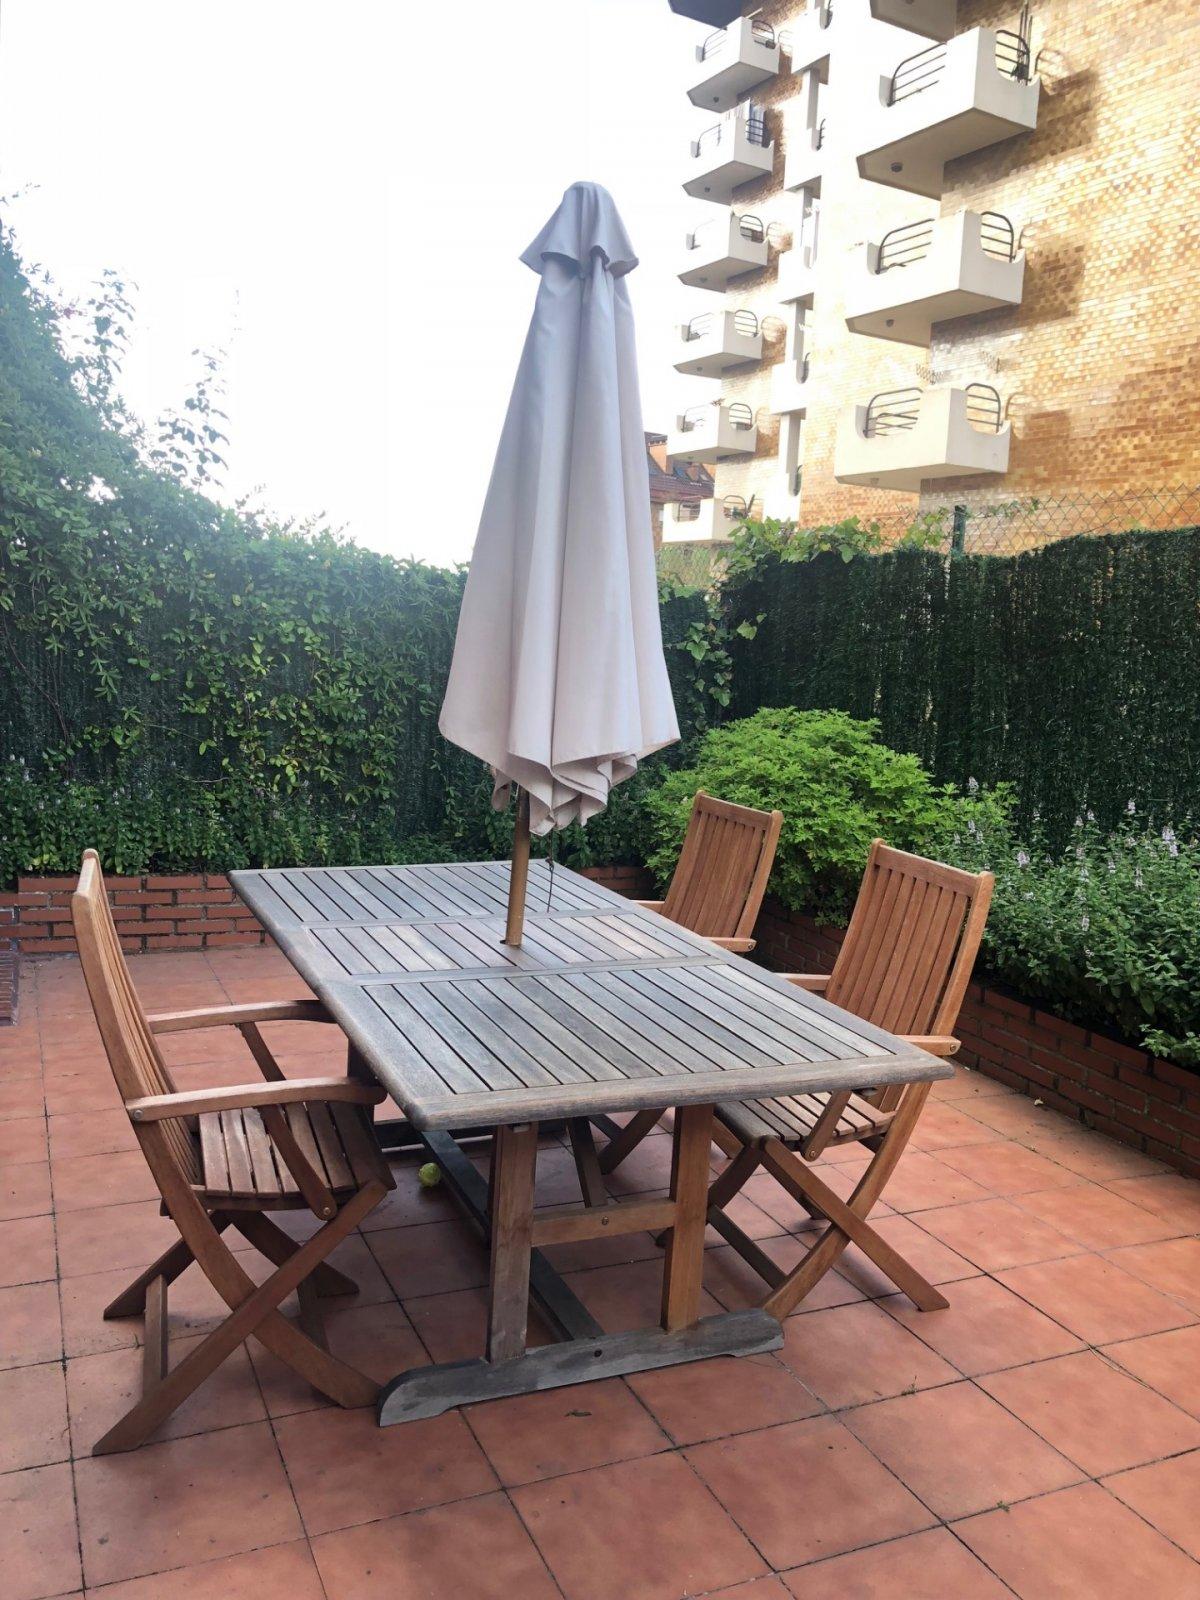 Planta Baja en alquiler temporada en Santander  de 2 Habitaciones, 2 Baños y 154 m2 por 750€/mes.